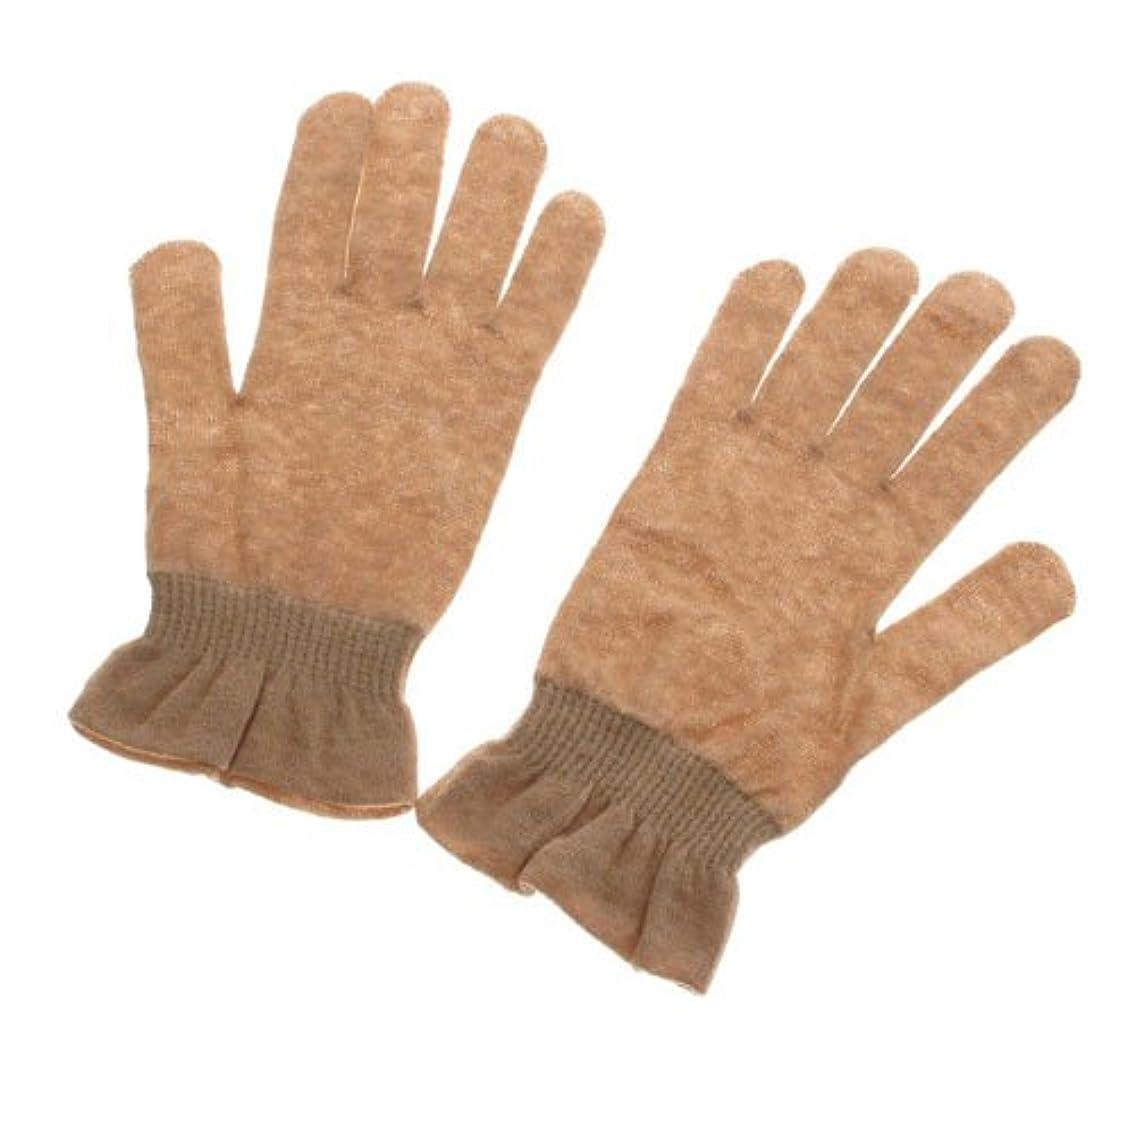 活性化するドールかび臭いオーガニックコットン天衣無縫 UVカット手袋?エステ ブラウン フリー